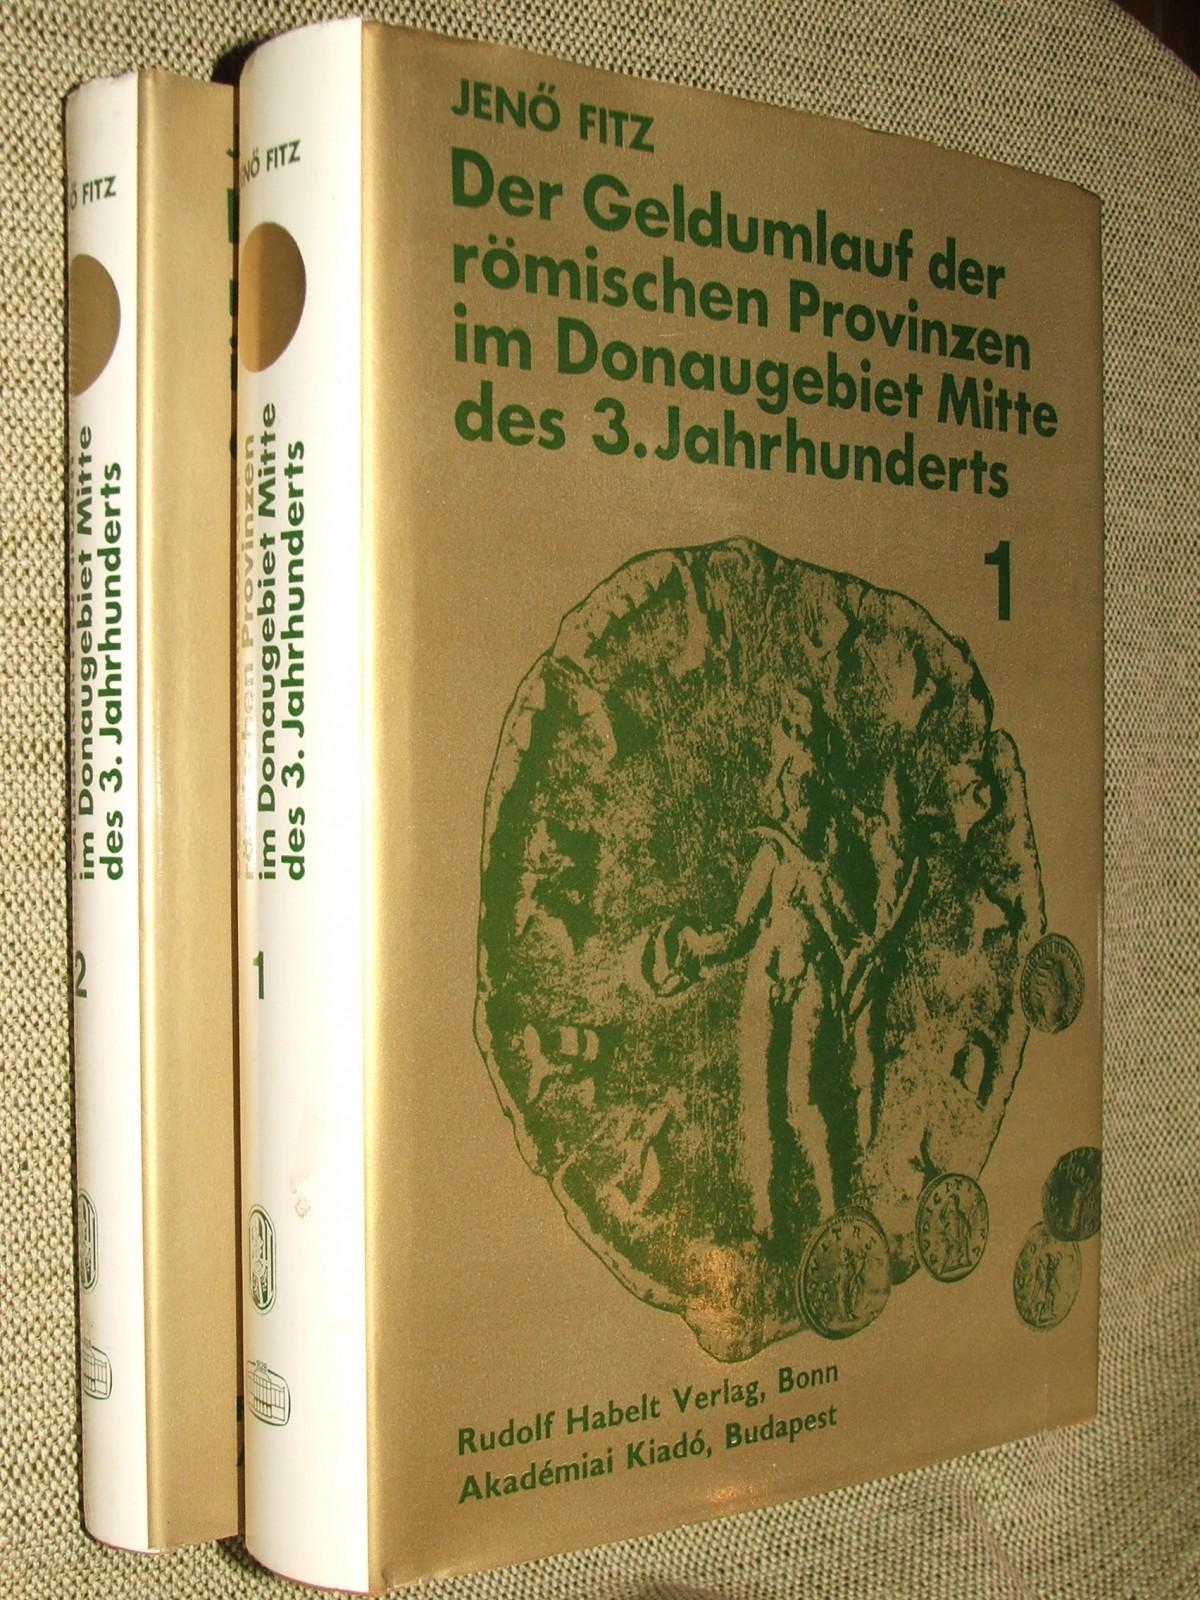 FITZ, Jenő: Der Geldumlauf der römischen Provinzen im Donaugebiet Mitte des 3. Jahrhunderts